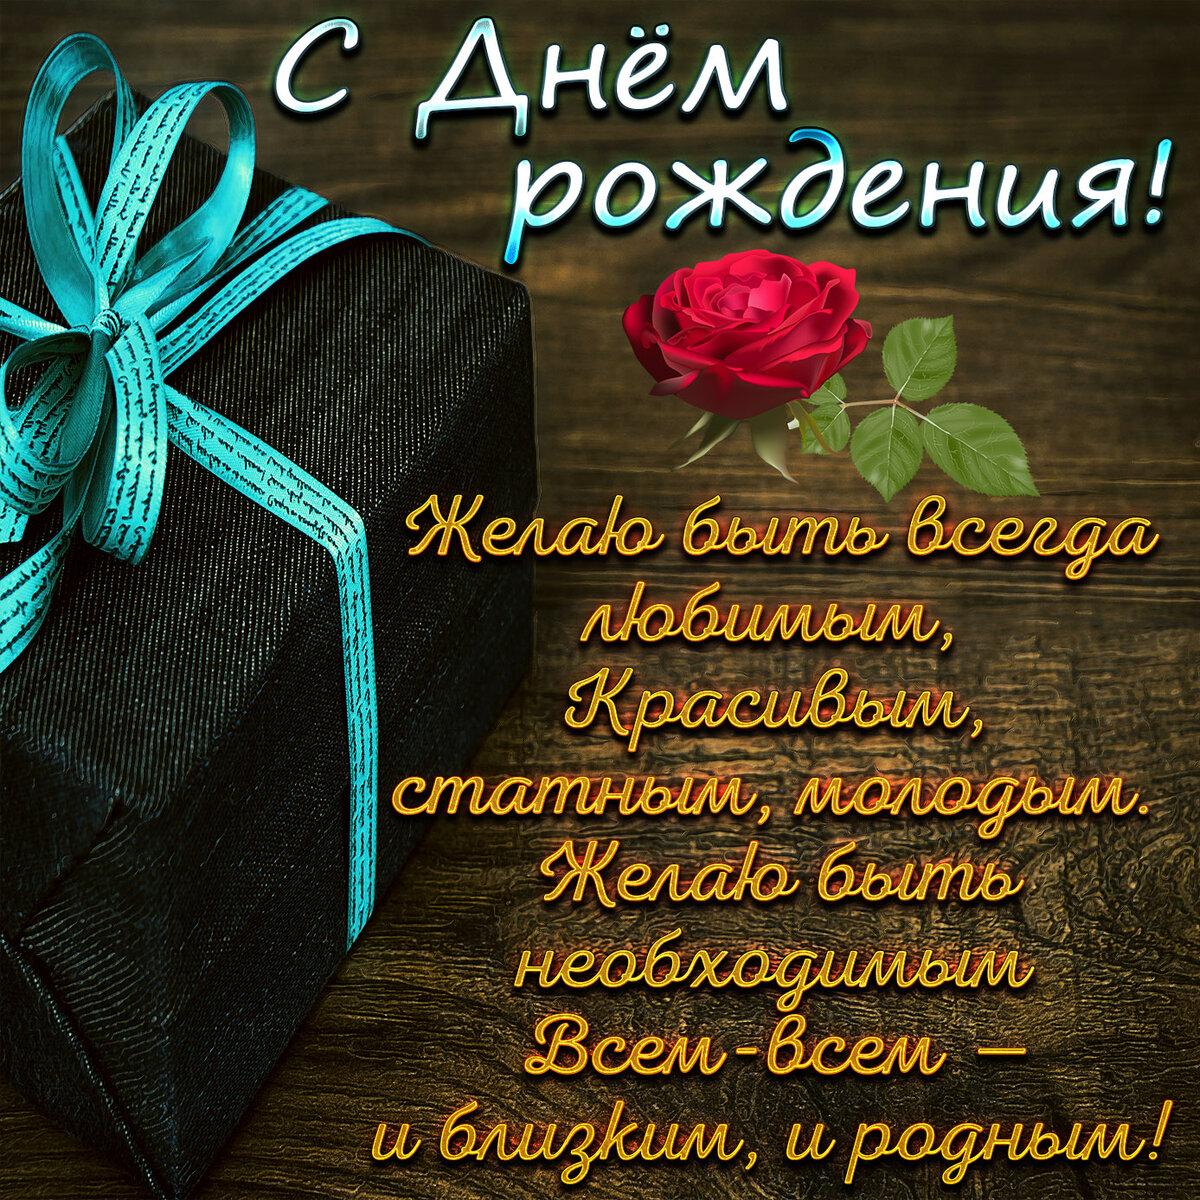 Поздравление на день рождения связан